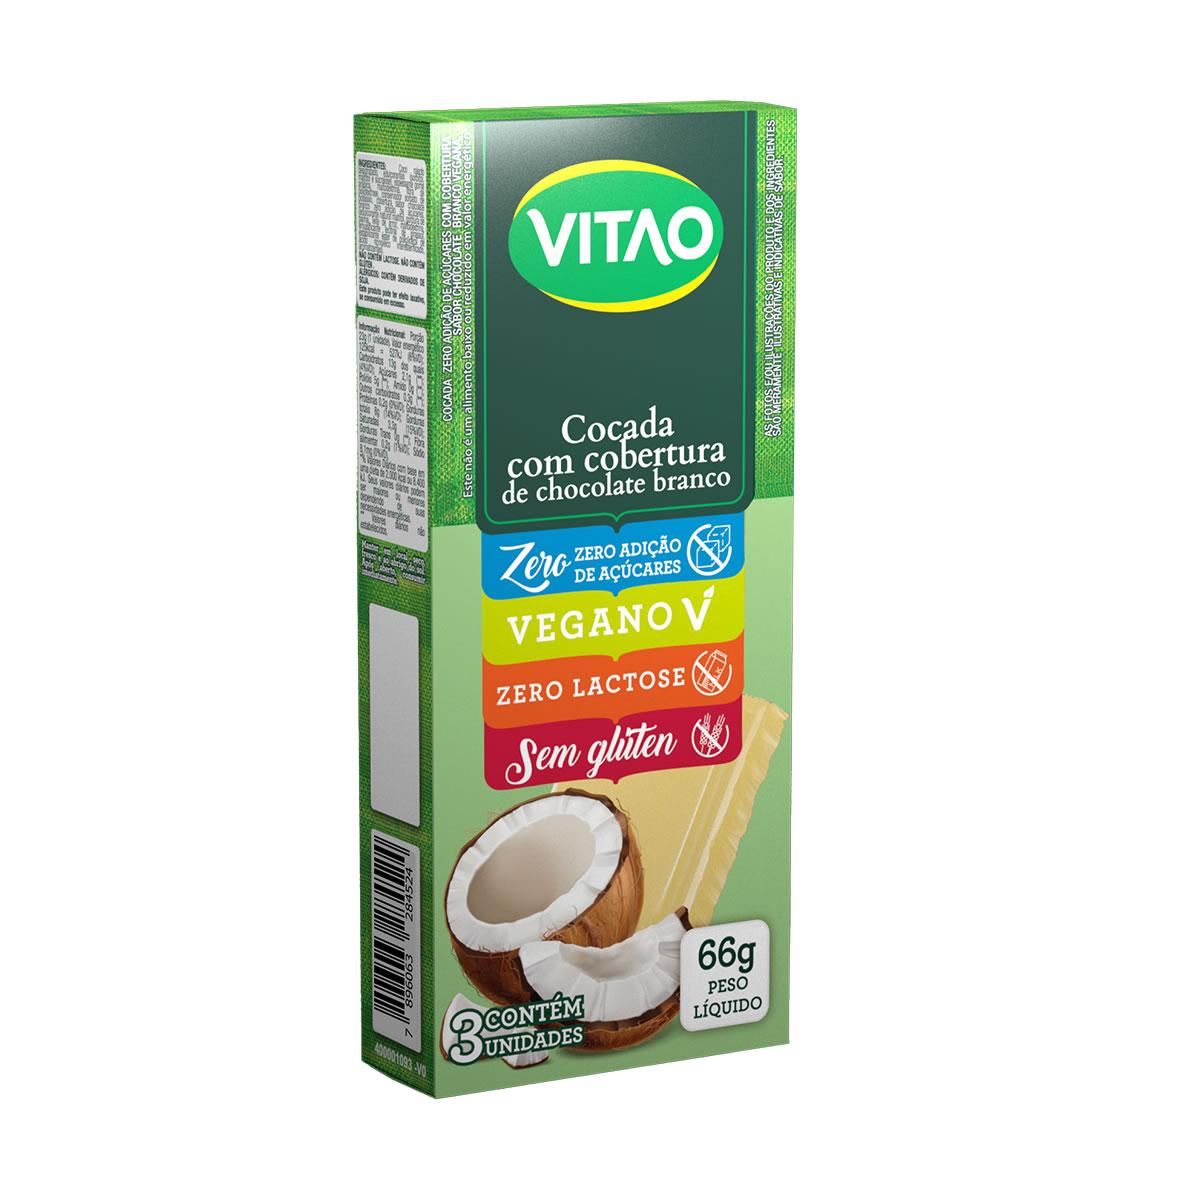 Cocada com Chocolate Branco Zero display com 3 unidades de 22g - Vitao